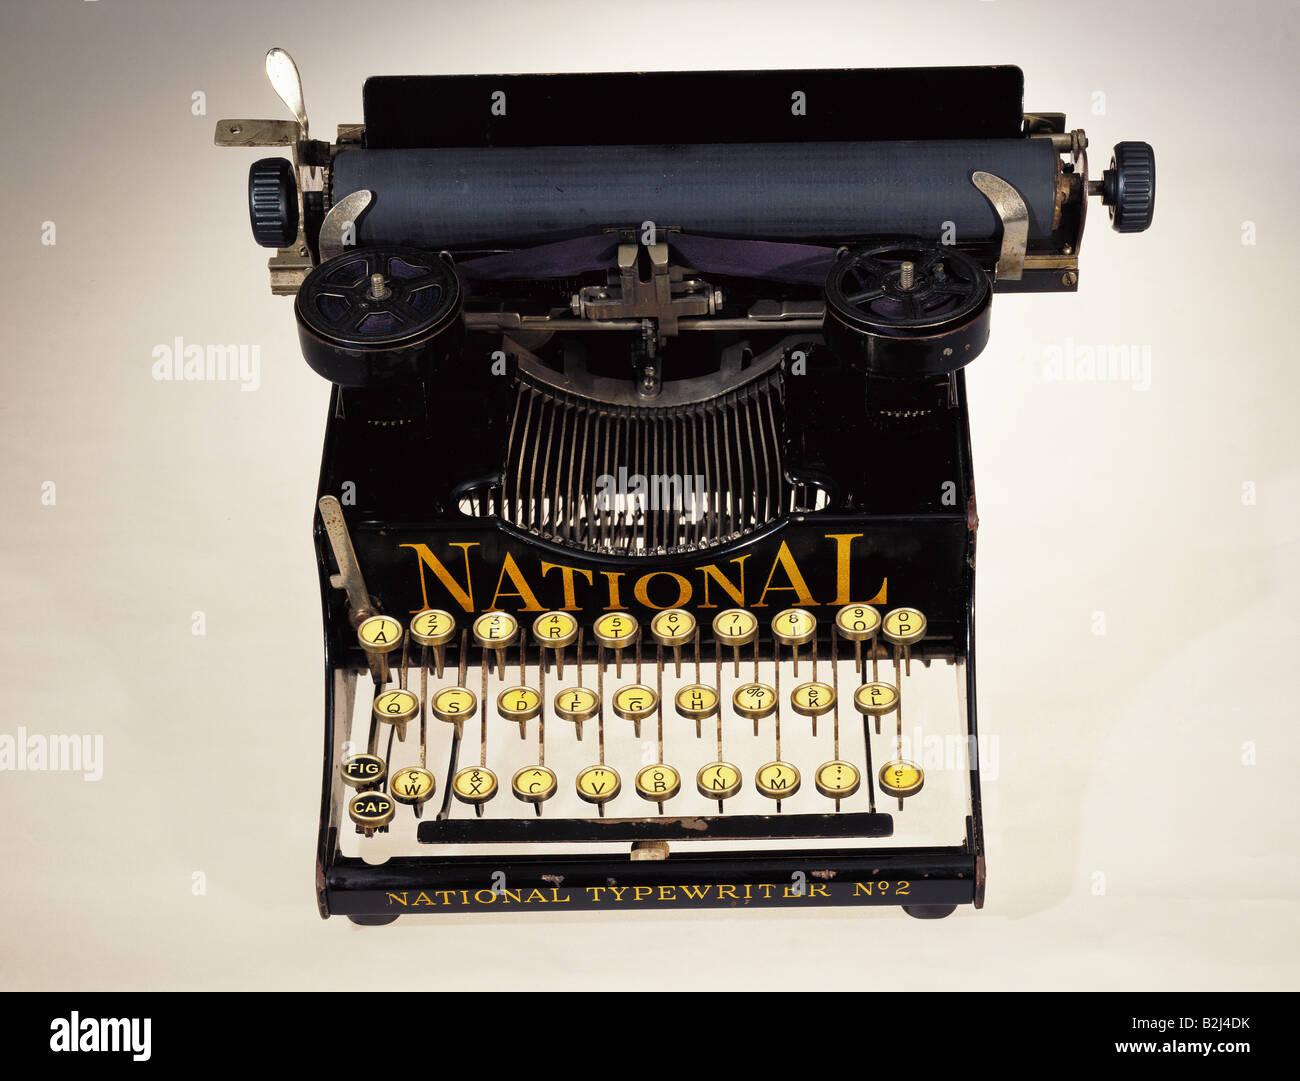 Bureau, Matériel de bureau, machine à écrire, machine à écrire mécanique 'national', Photo Stock